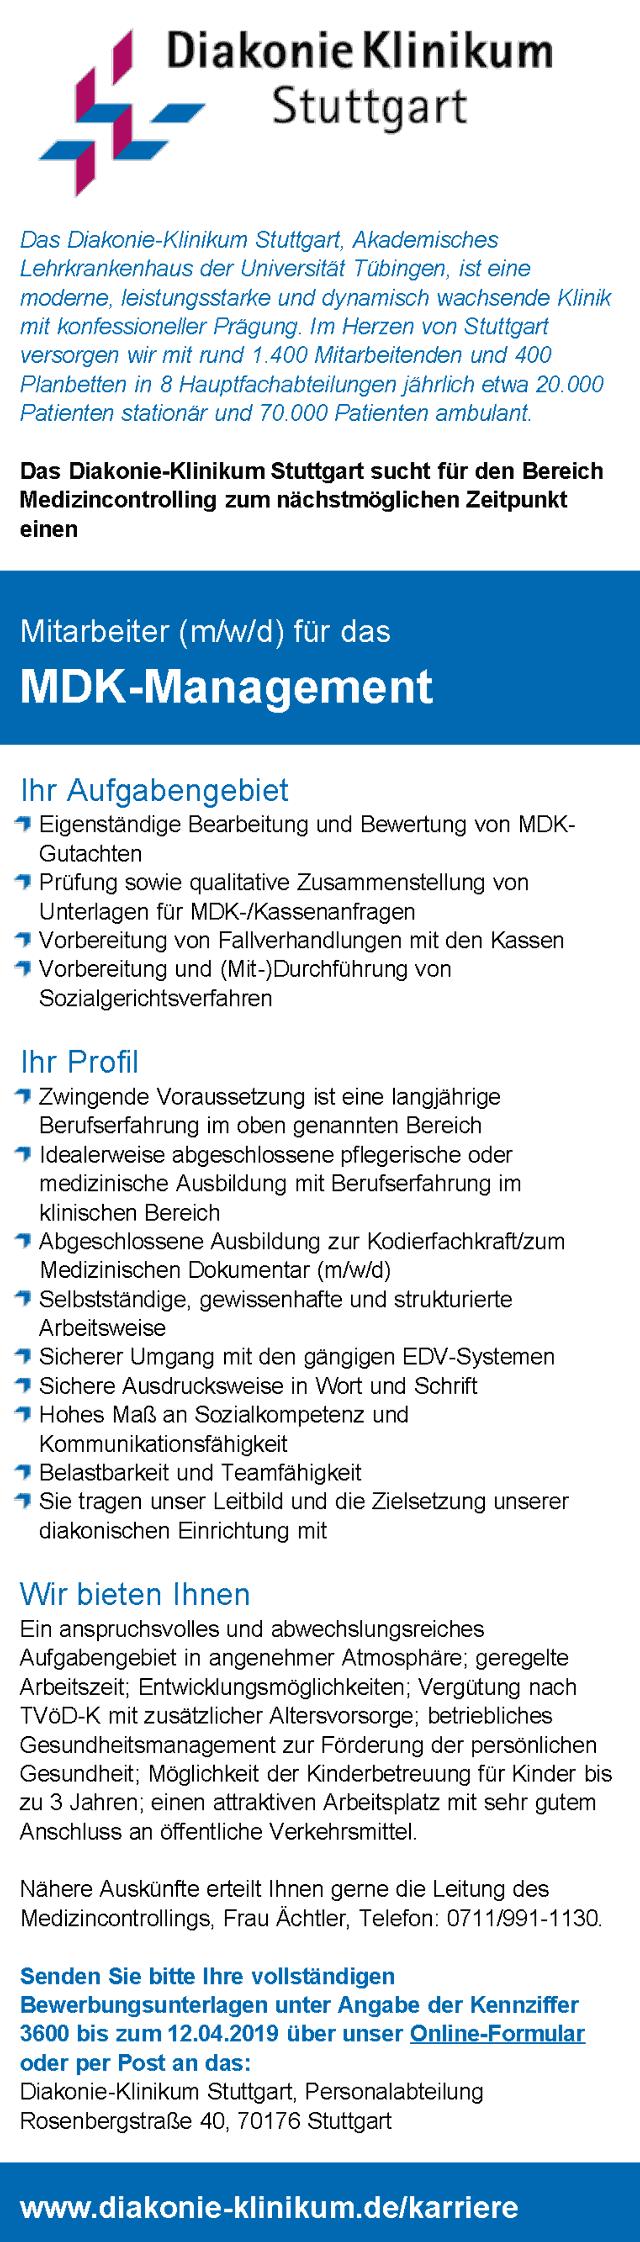 Diakonie-Klinikum Stuttgart: Mitarbeiter MDK-Management (m/w/d)